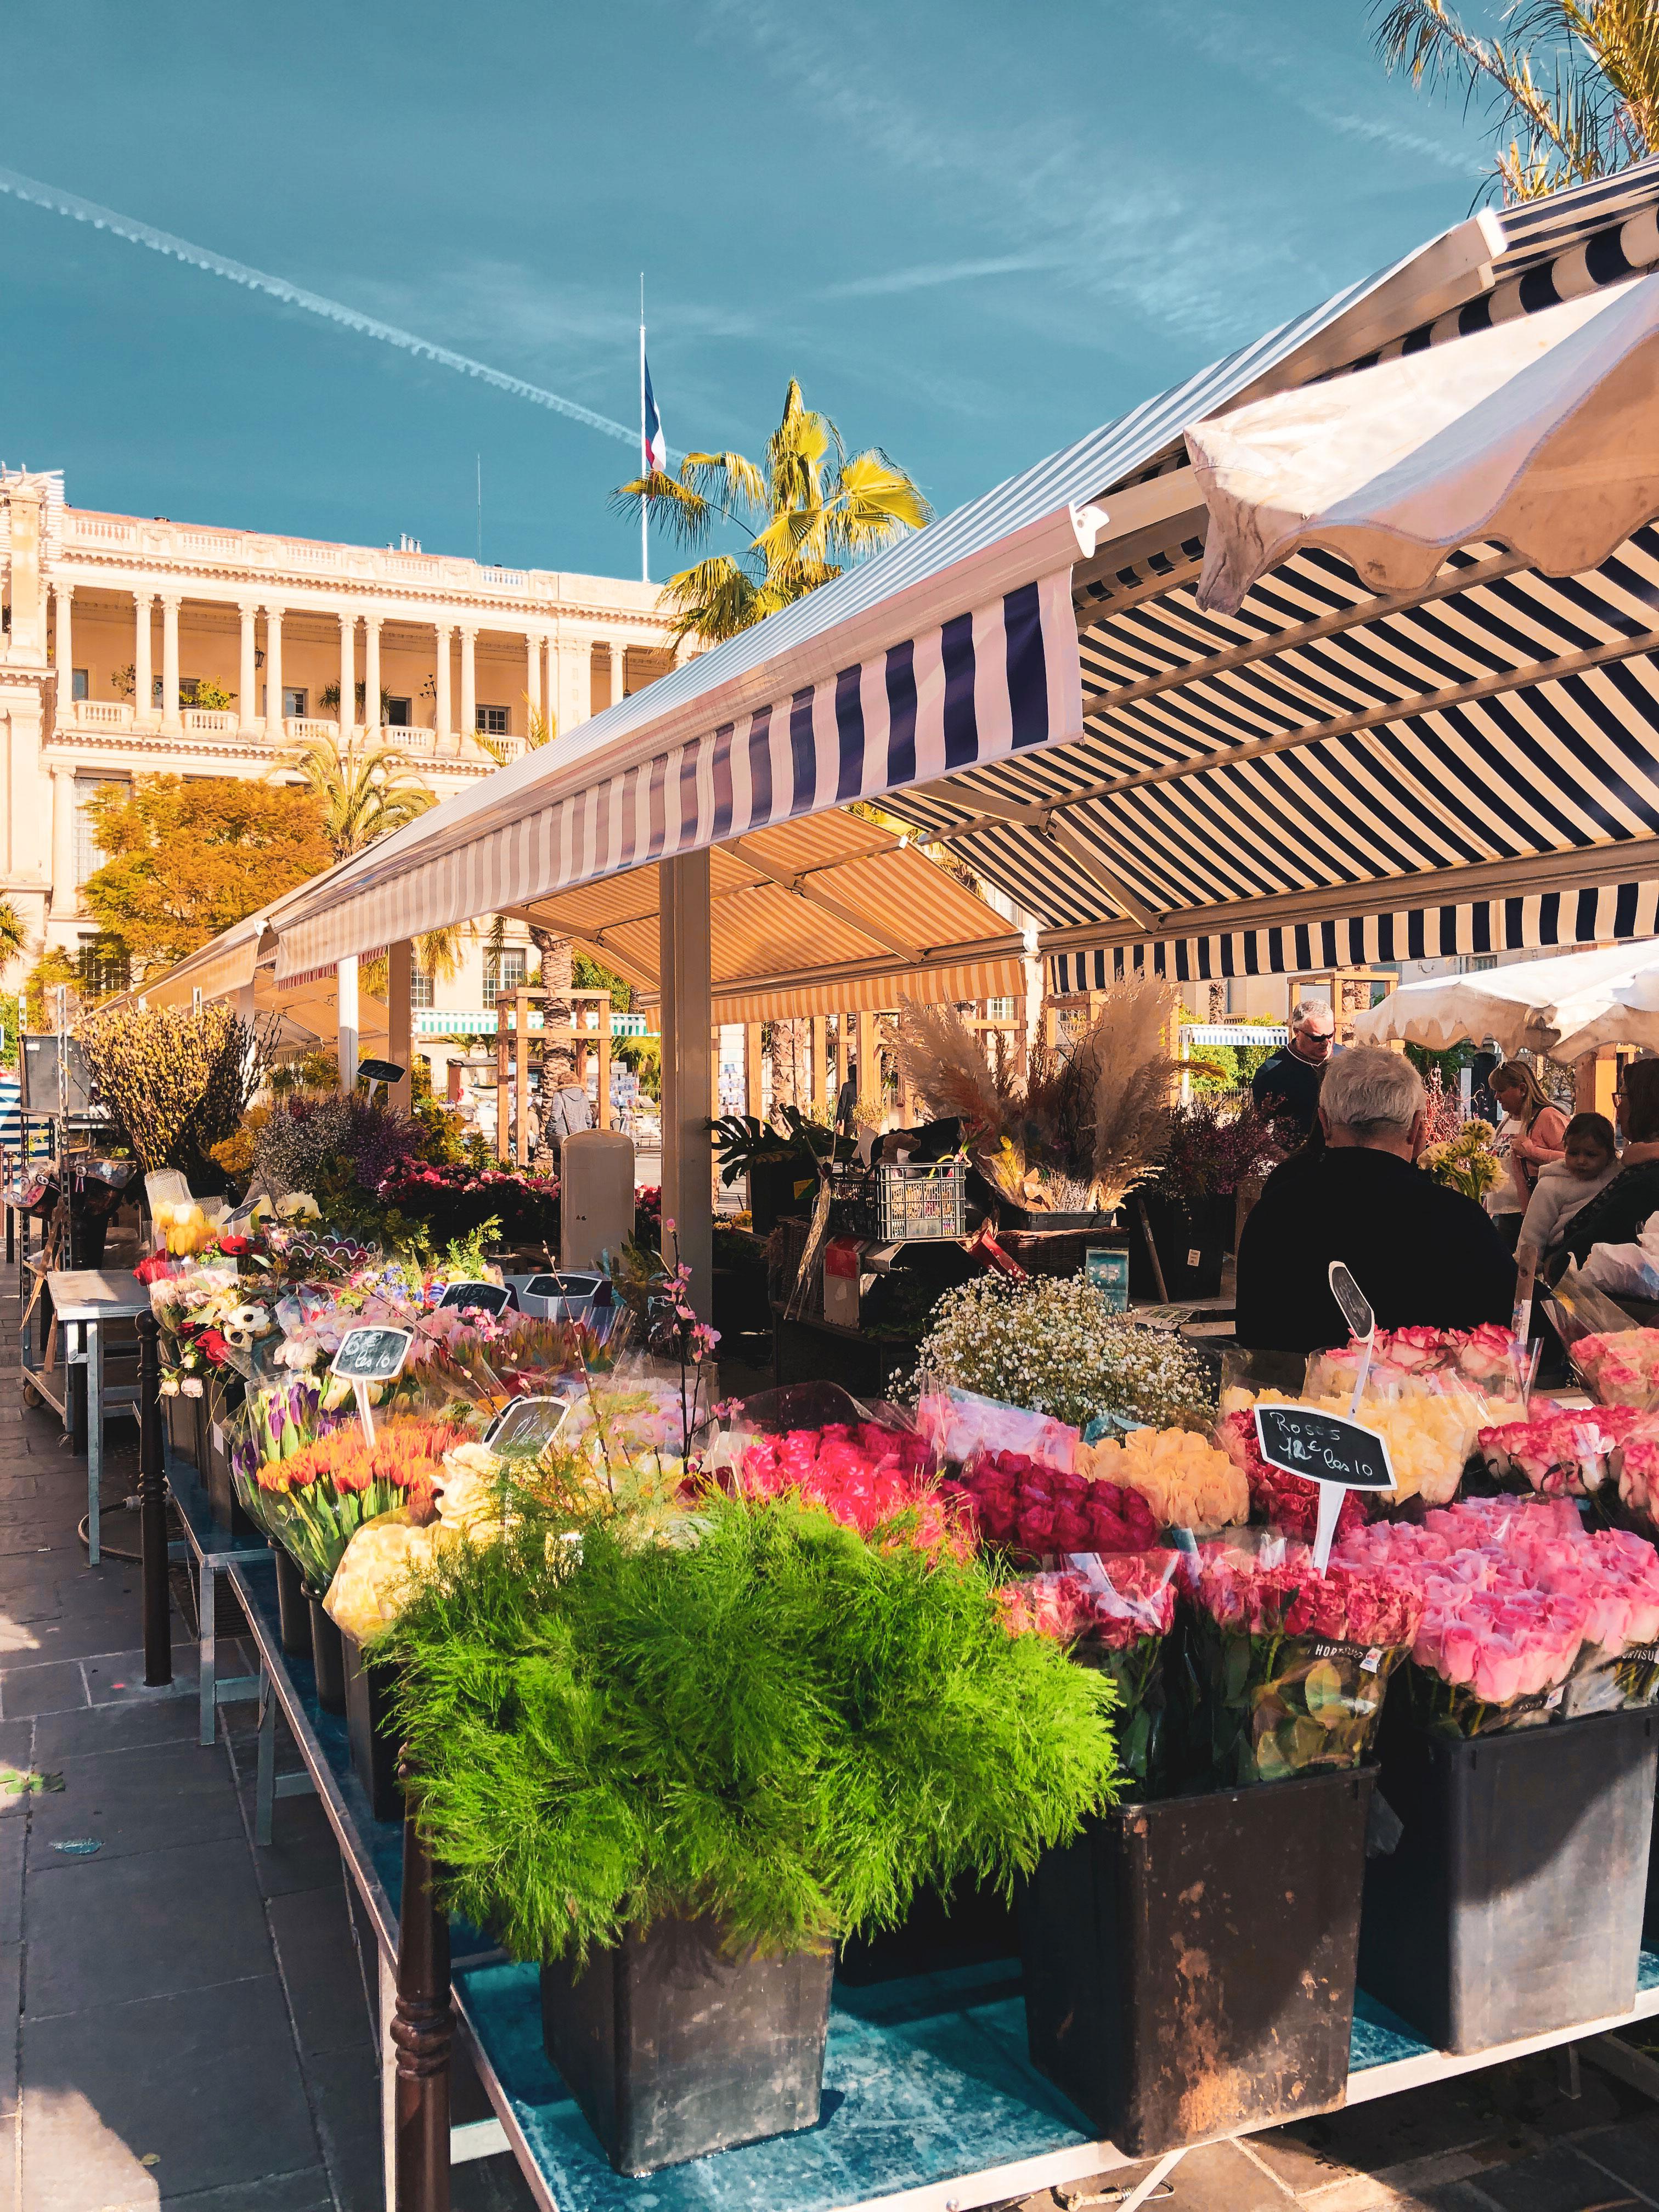 Les plus belles balades à faire sous le soleil de Nice - Marché aux Fleurs du Cours Saleya - Crédit Summer Hotels